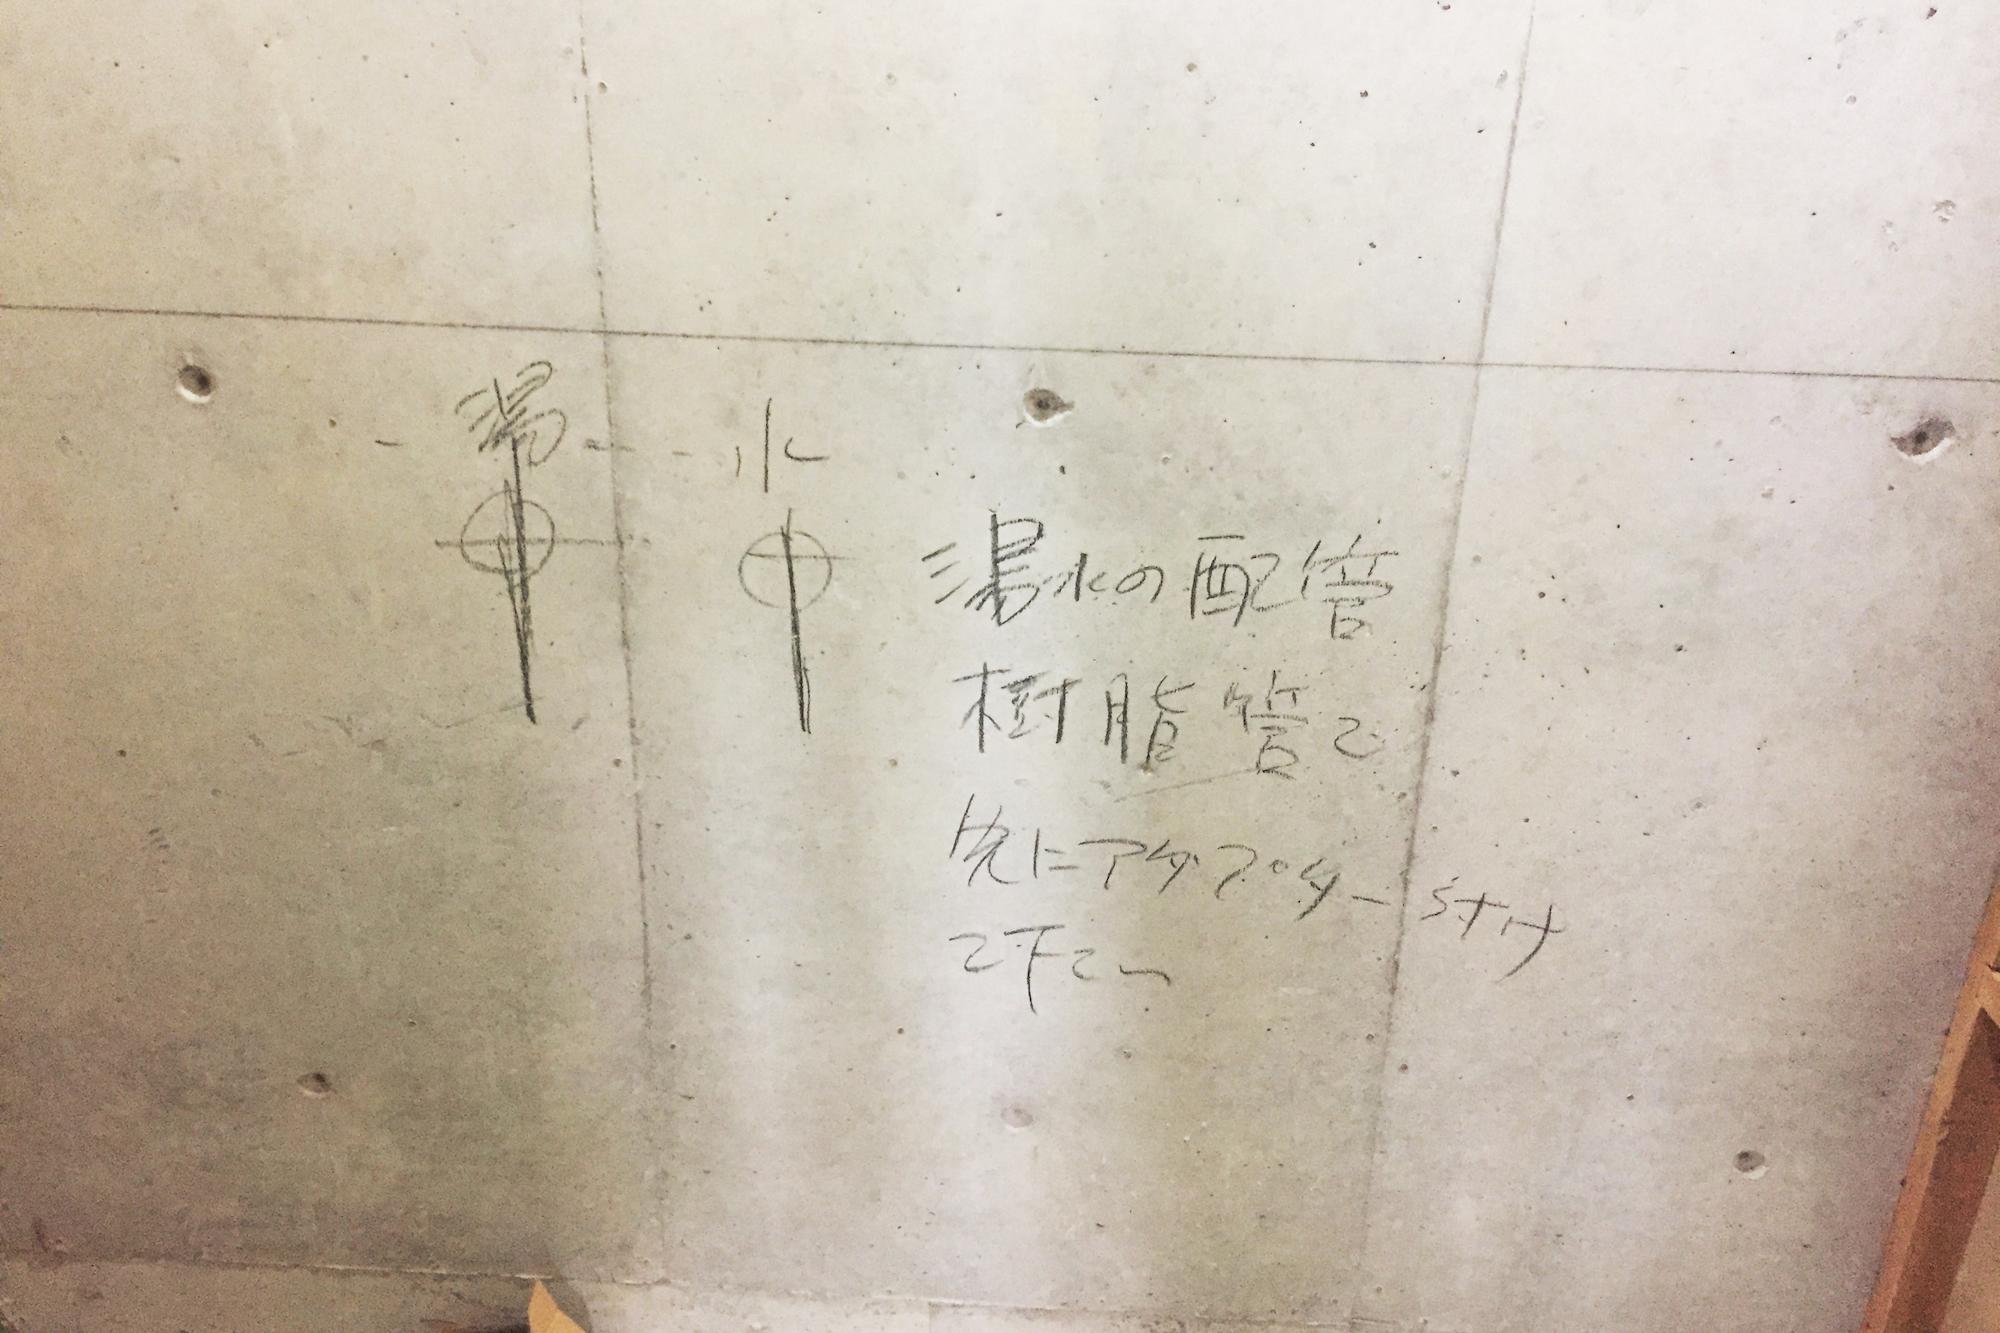 Ot様邸 奈良市 マンションリノベーション 設備機器据付け・建具吊込み工事